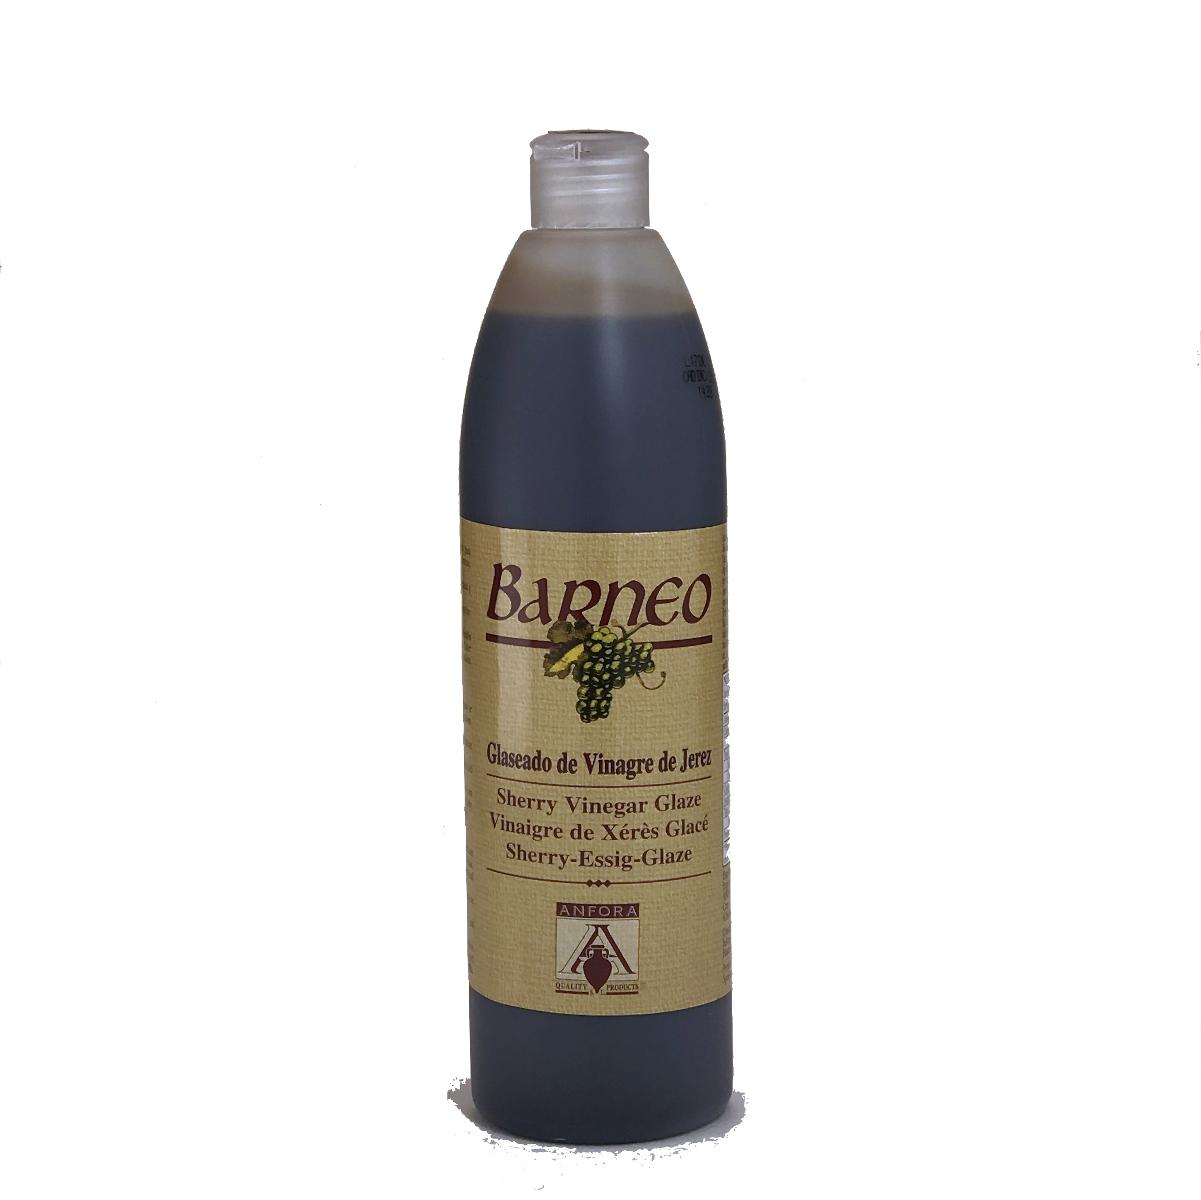 Glaseado de Vinagre de Jerez Barneo - Creme aus Sherry-Essig - Anfora